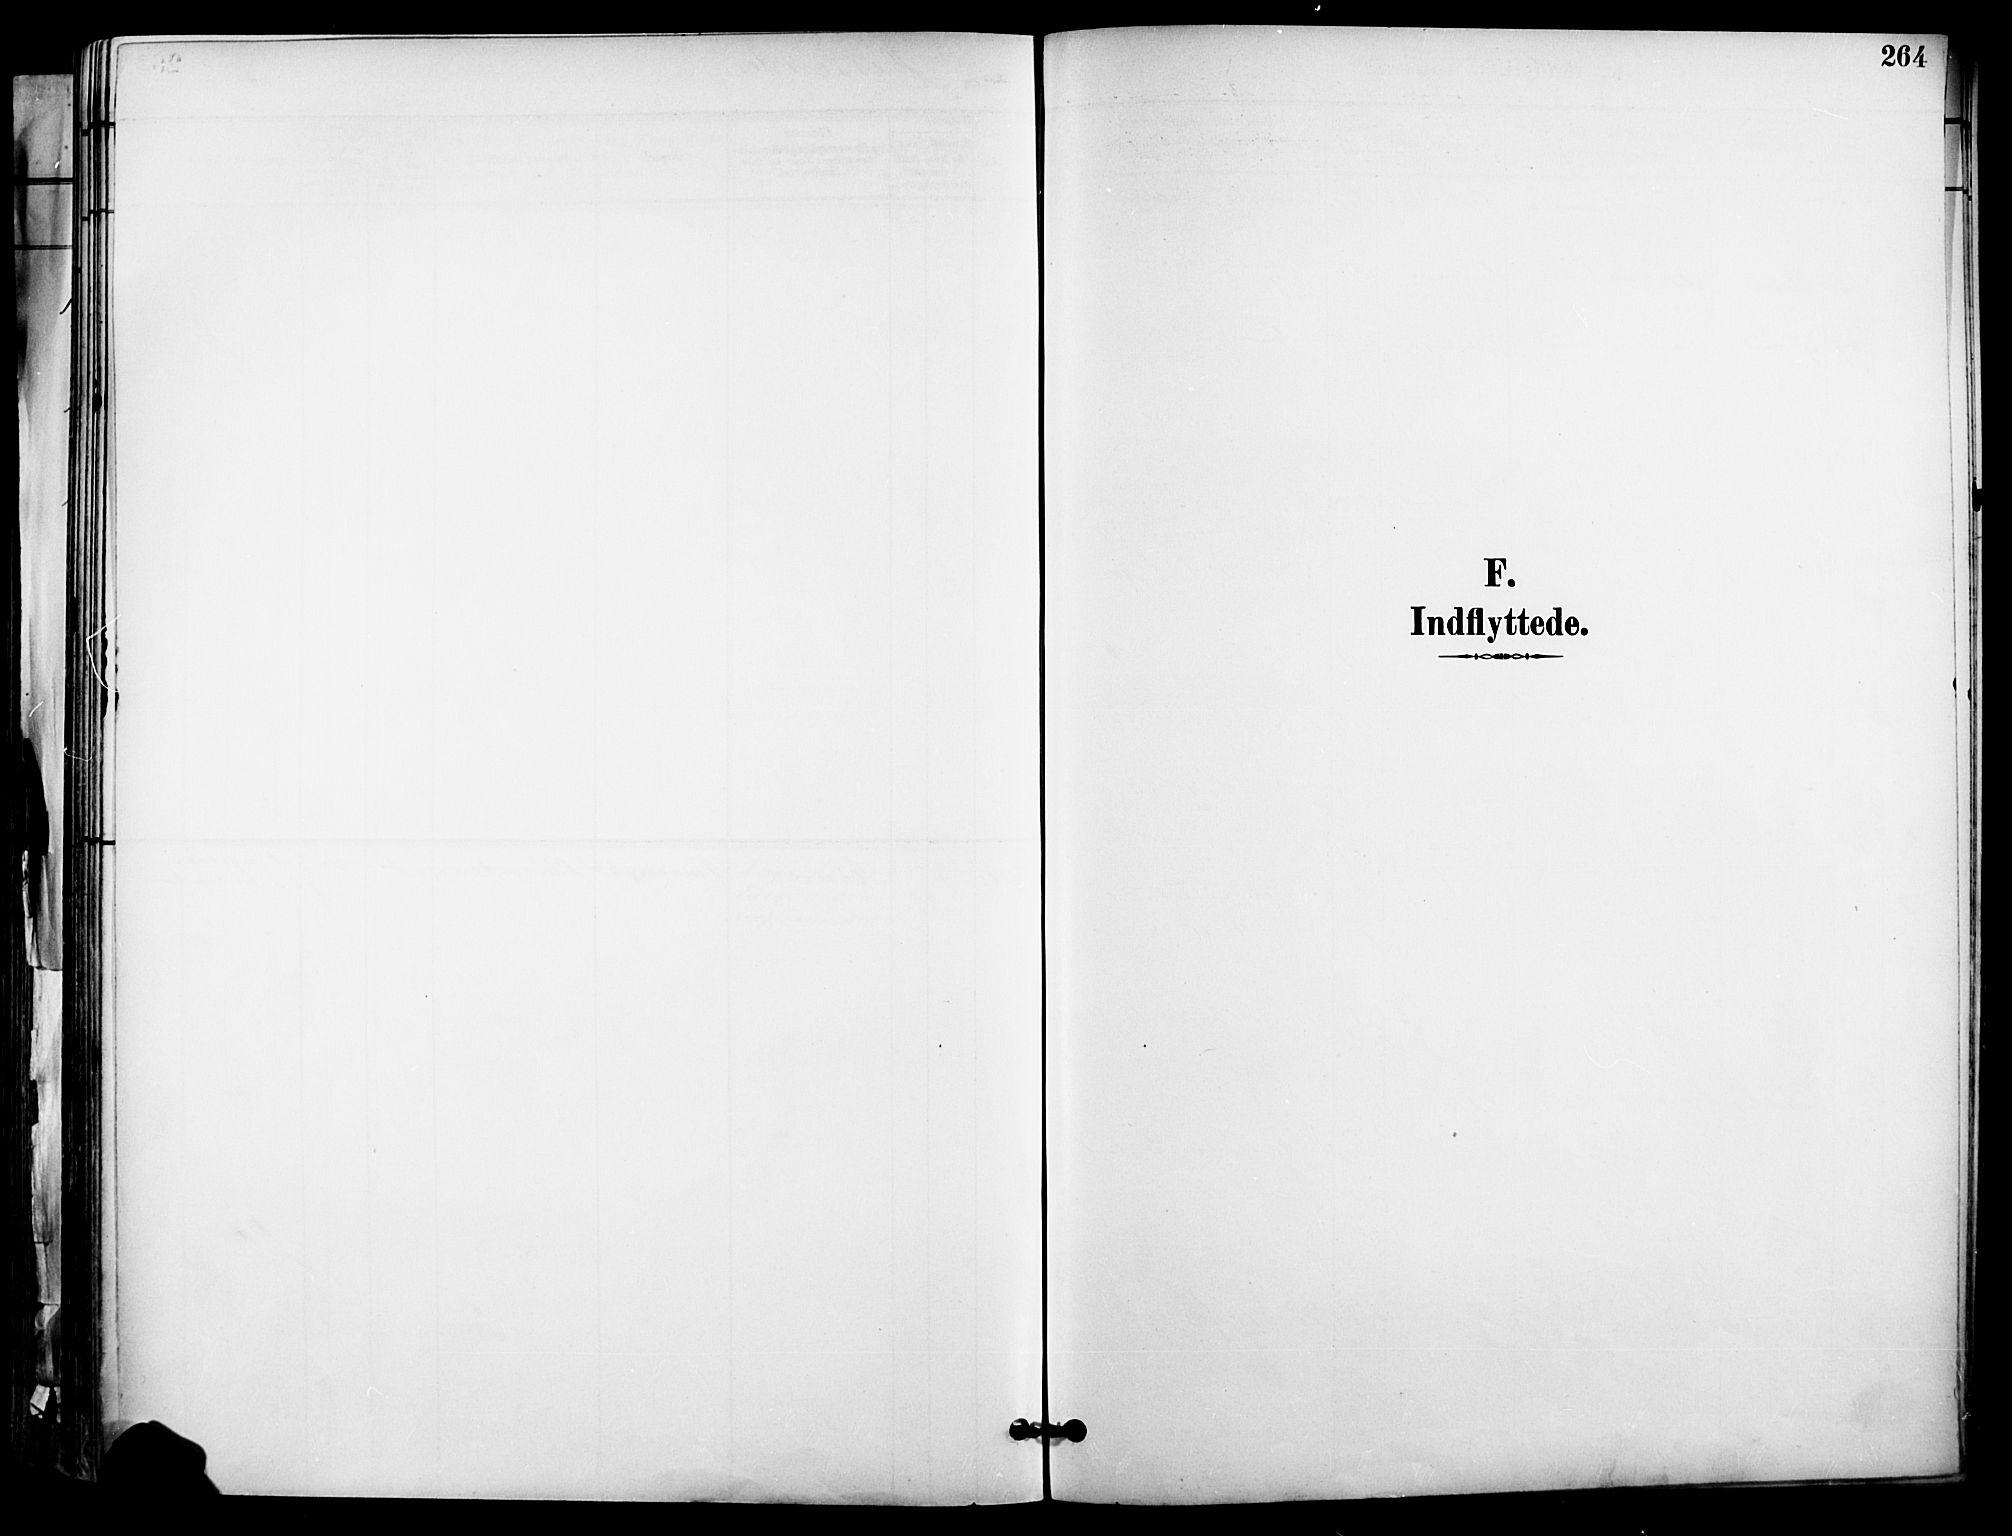 SAO, Garnisonsmenigheten Kirkebøker, F/Fa/L0013: Ministerialbok nr. 13, 1894-1904, s. 264